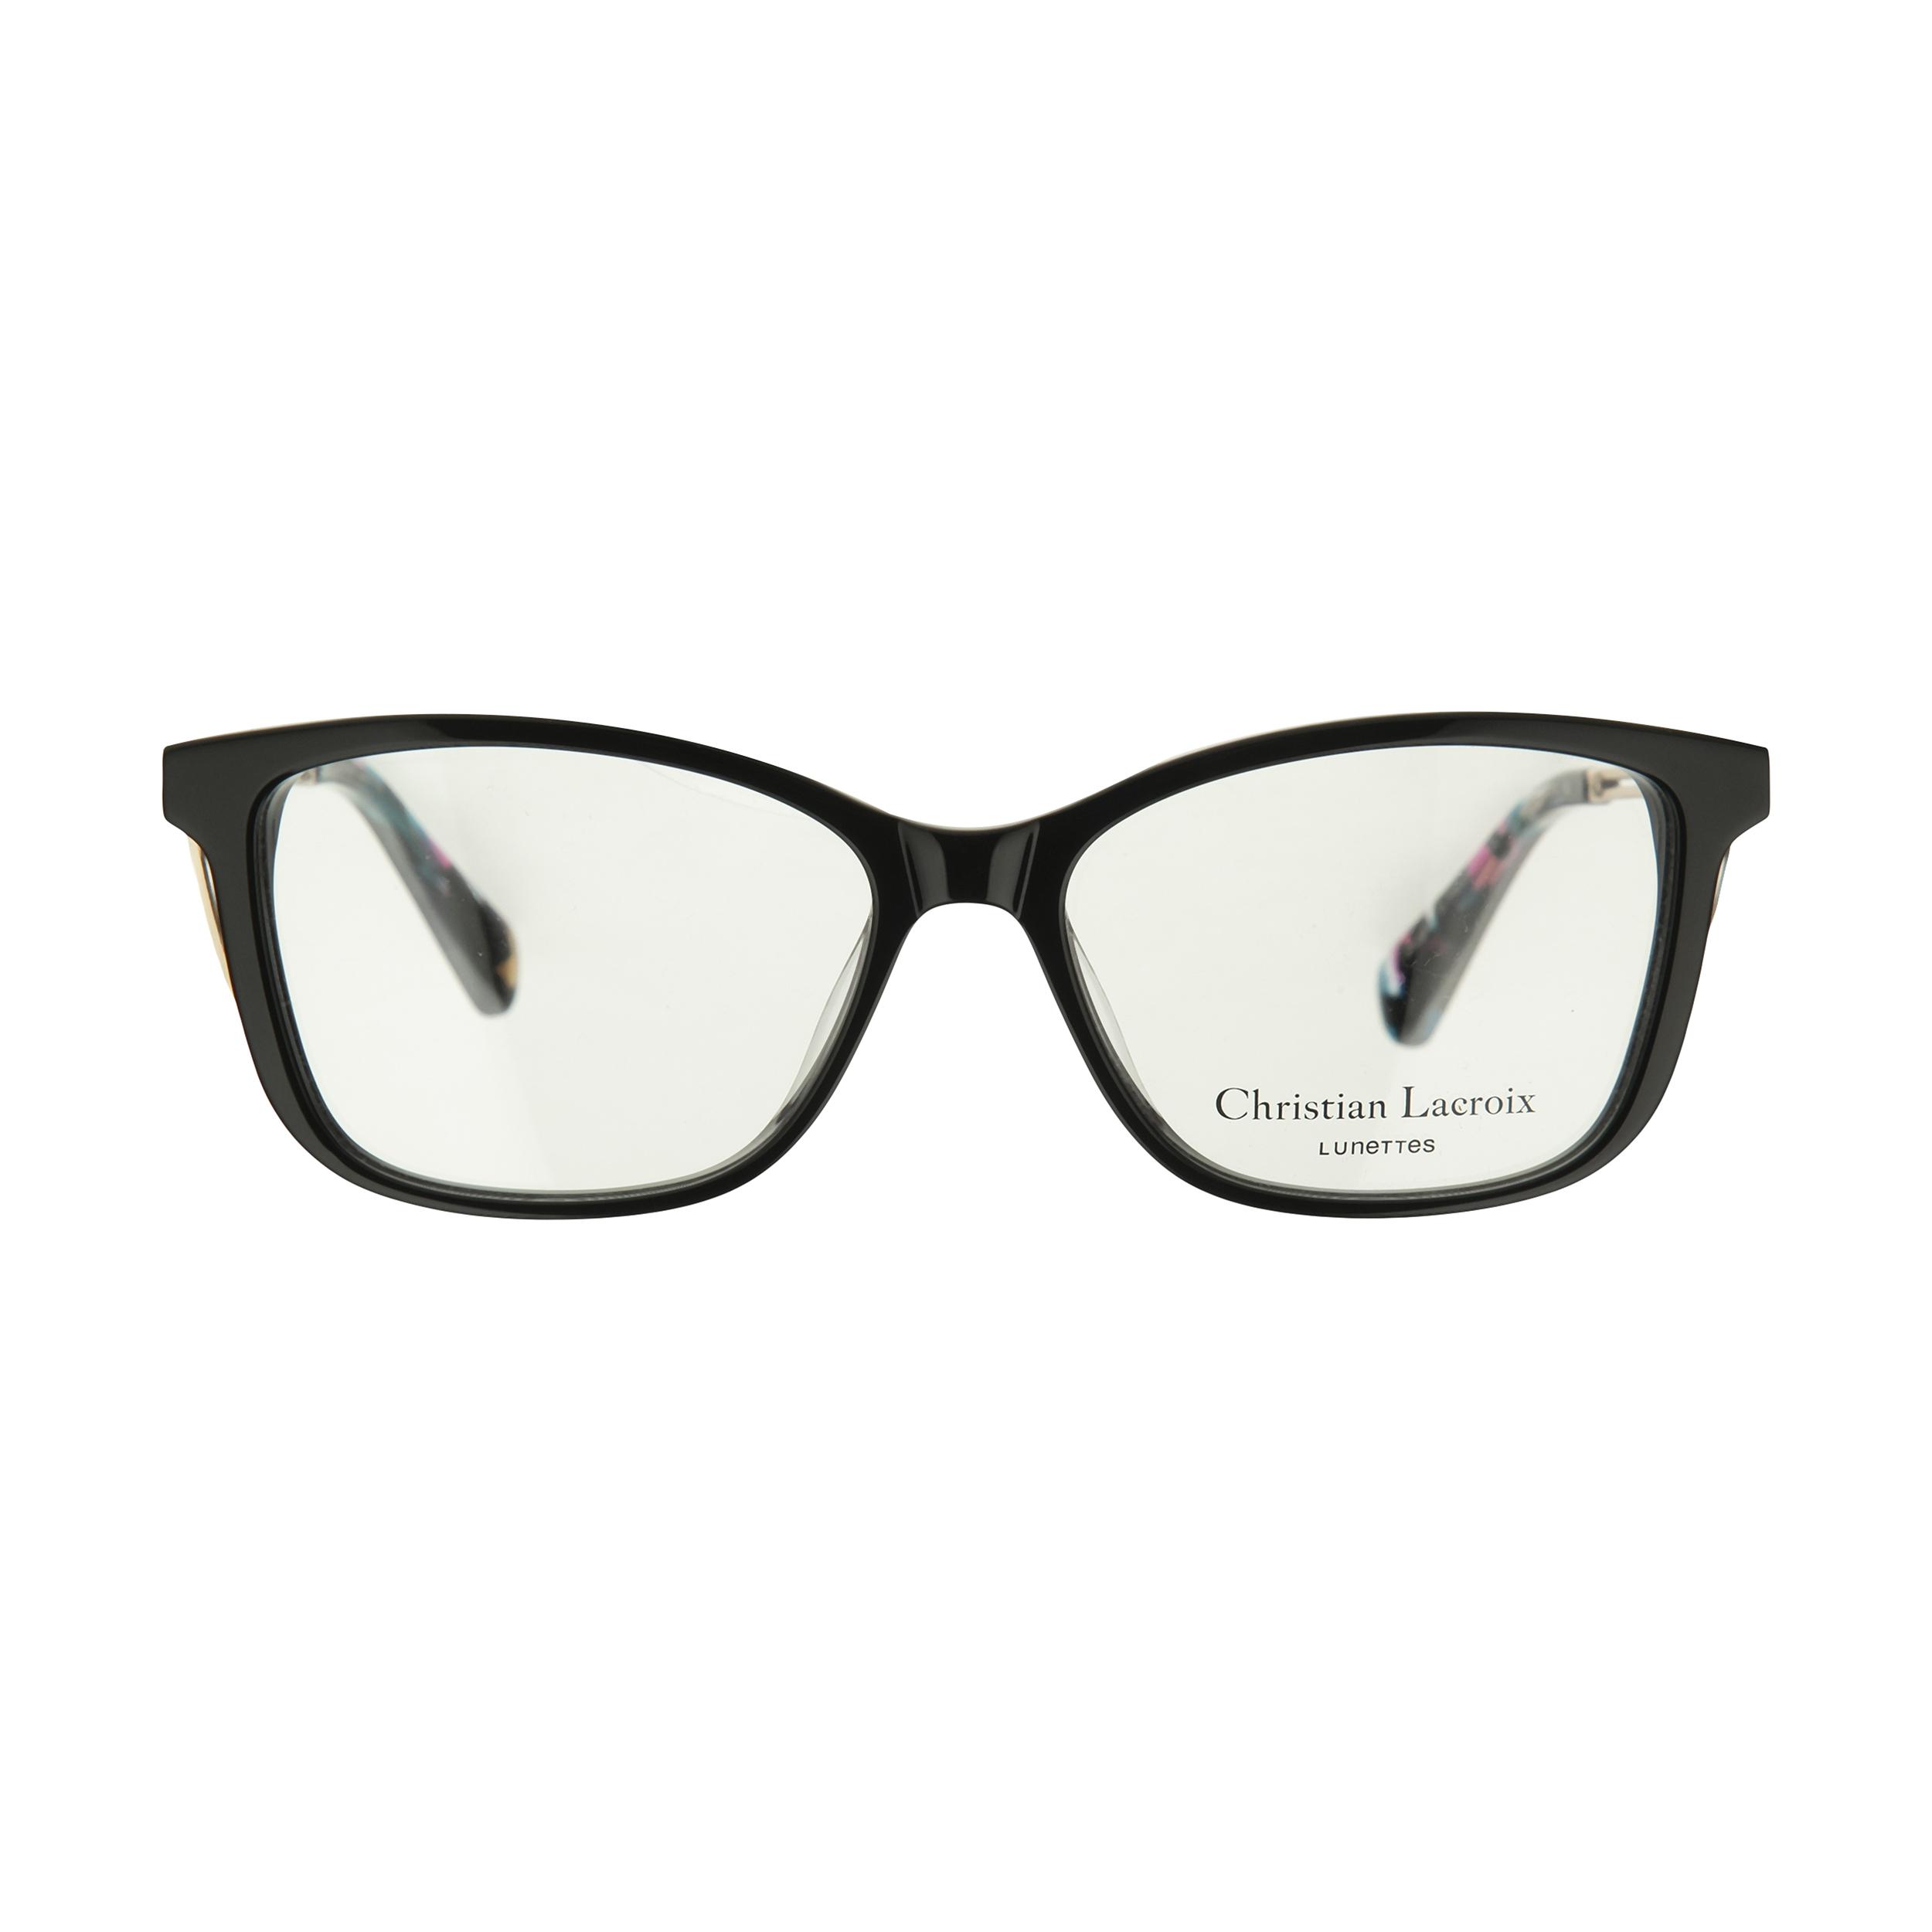 عینک طبی زنانه کریستین لاکروآ مدل CL 1086 017